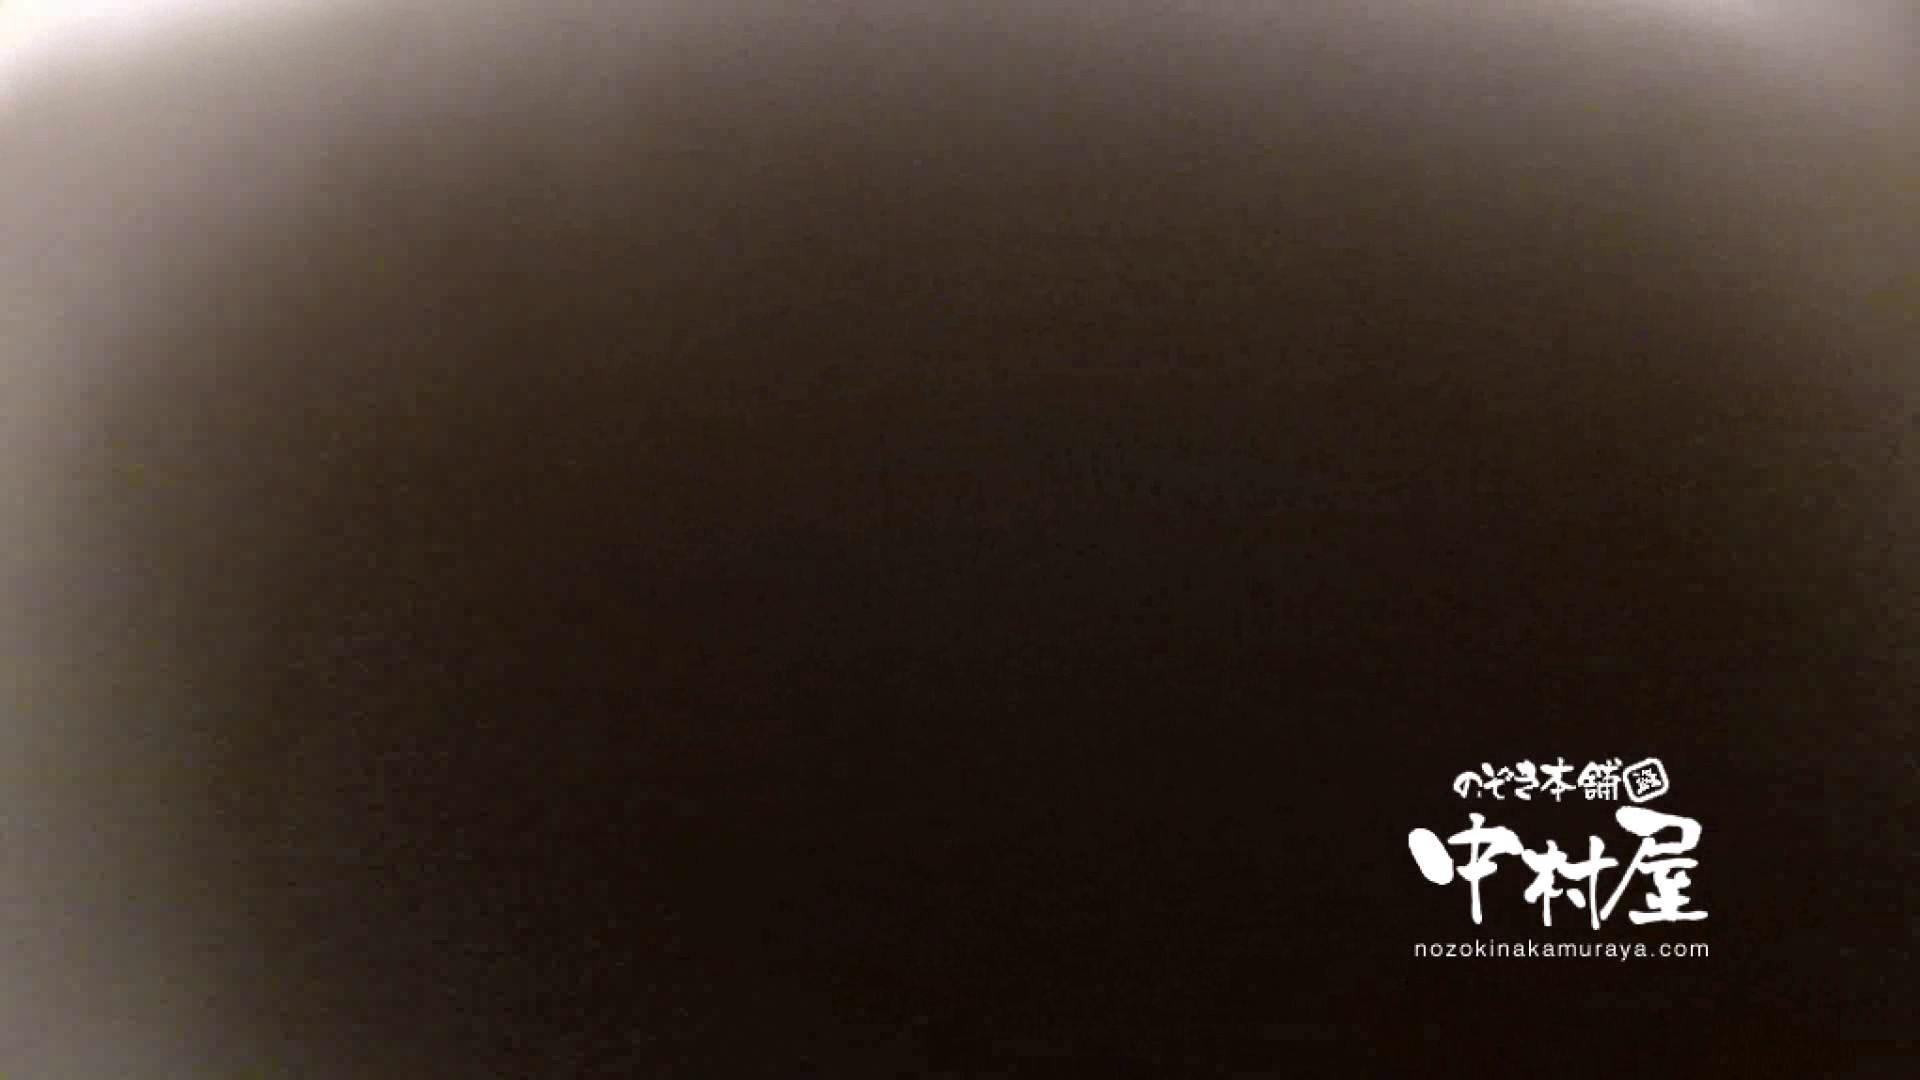 鬼畜 vol.14 小生意気なおなごにはペナルティー 後編 鬼畜 エロ無料画像 58画像 41